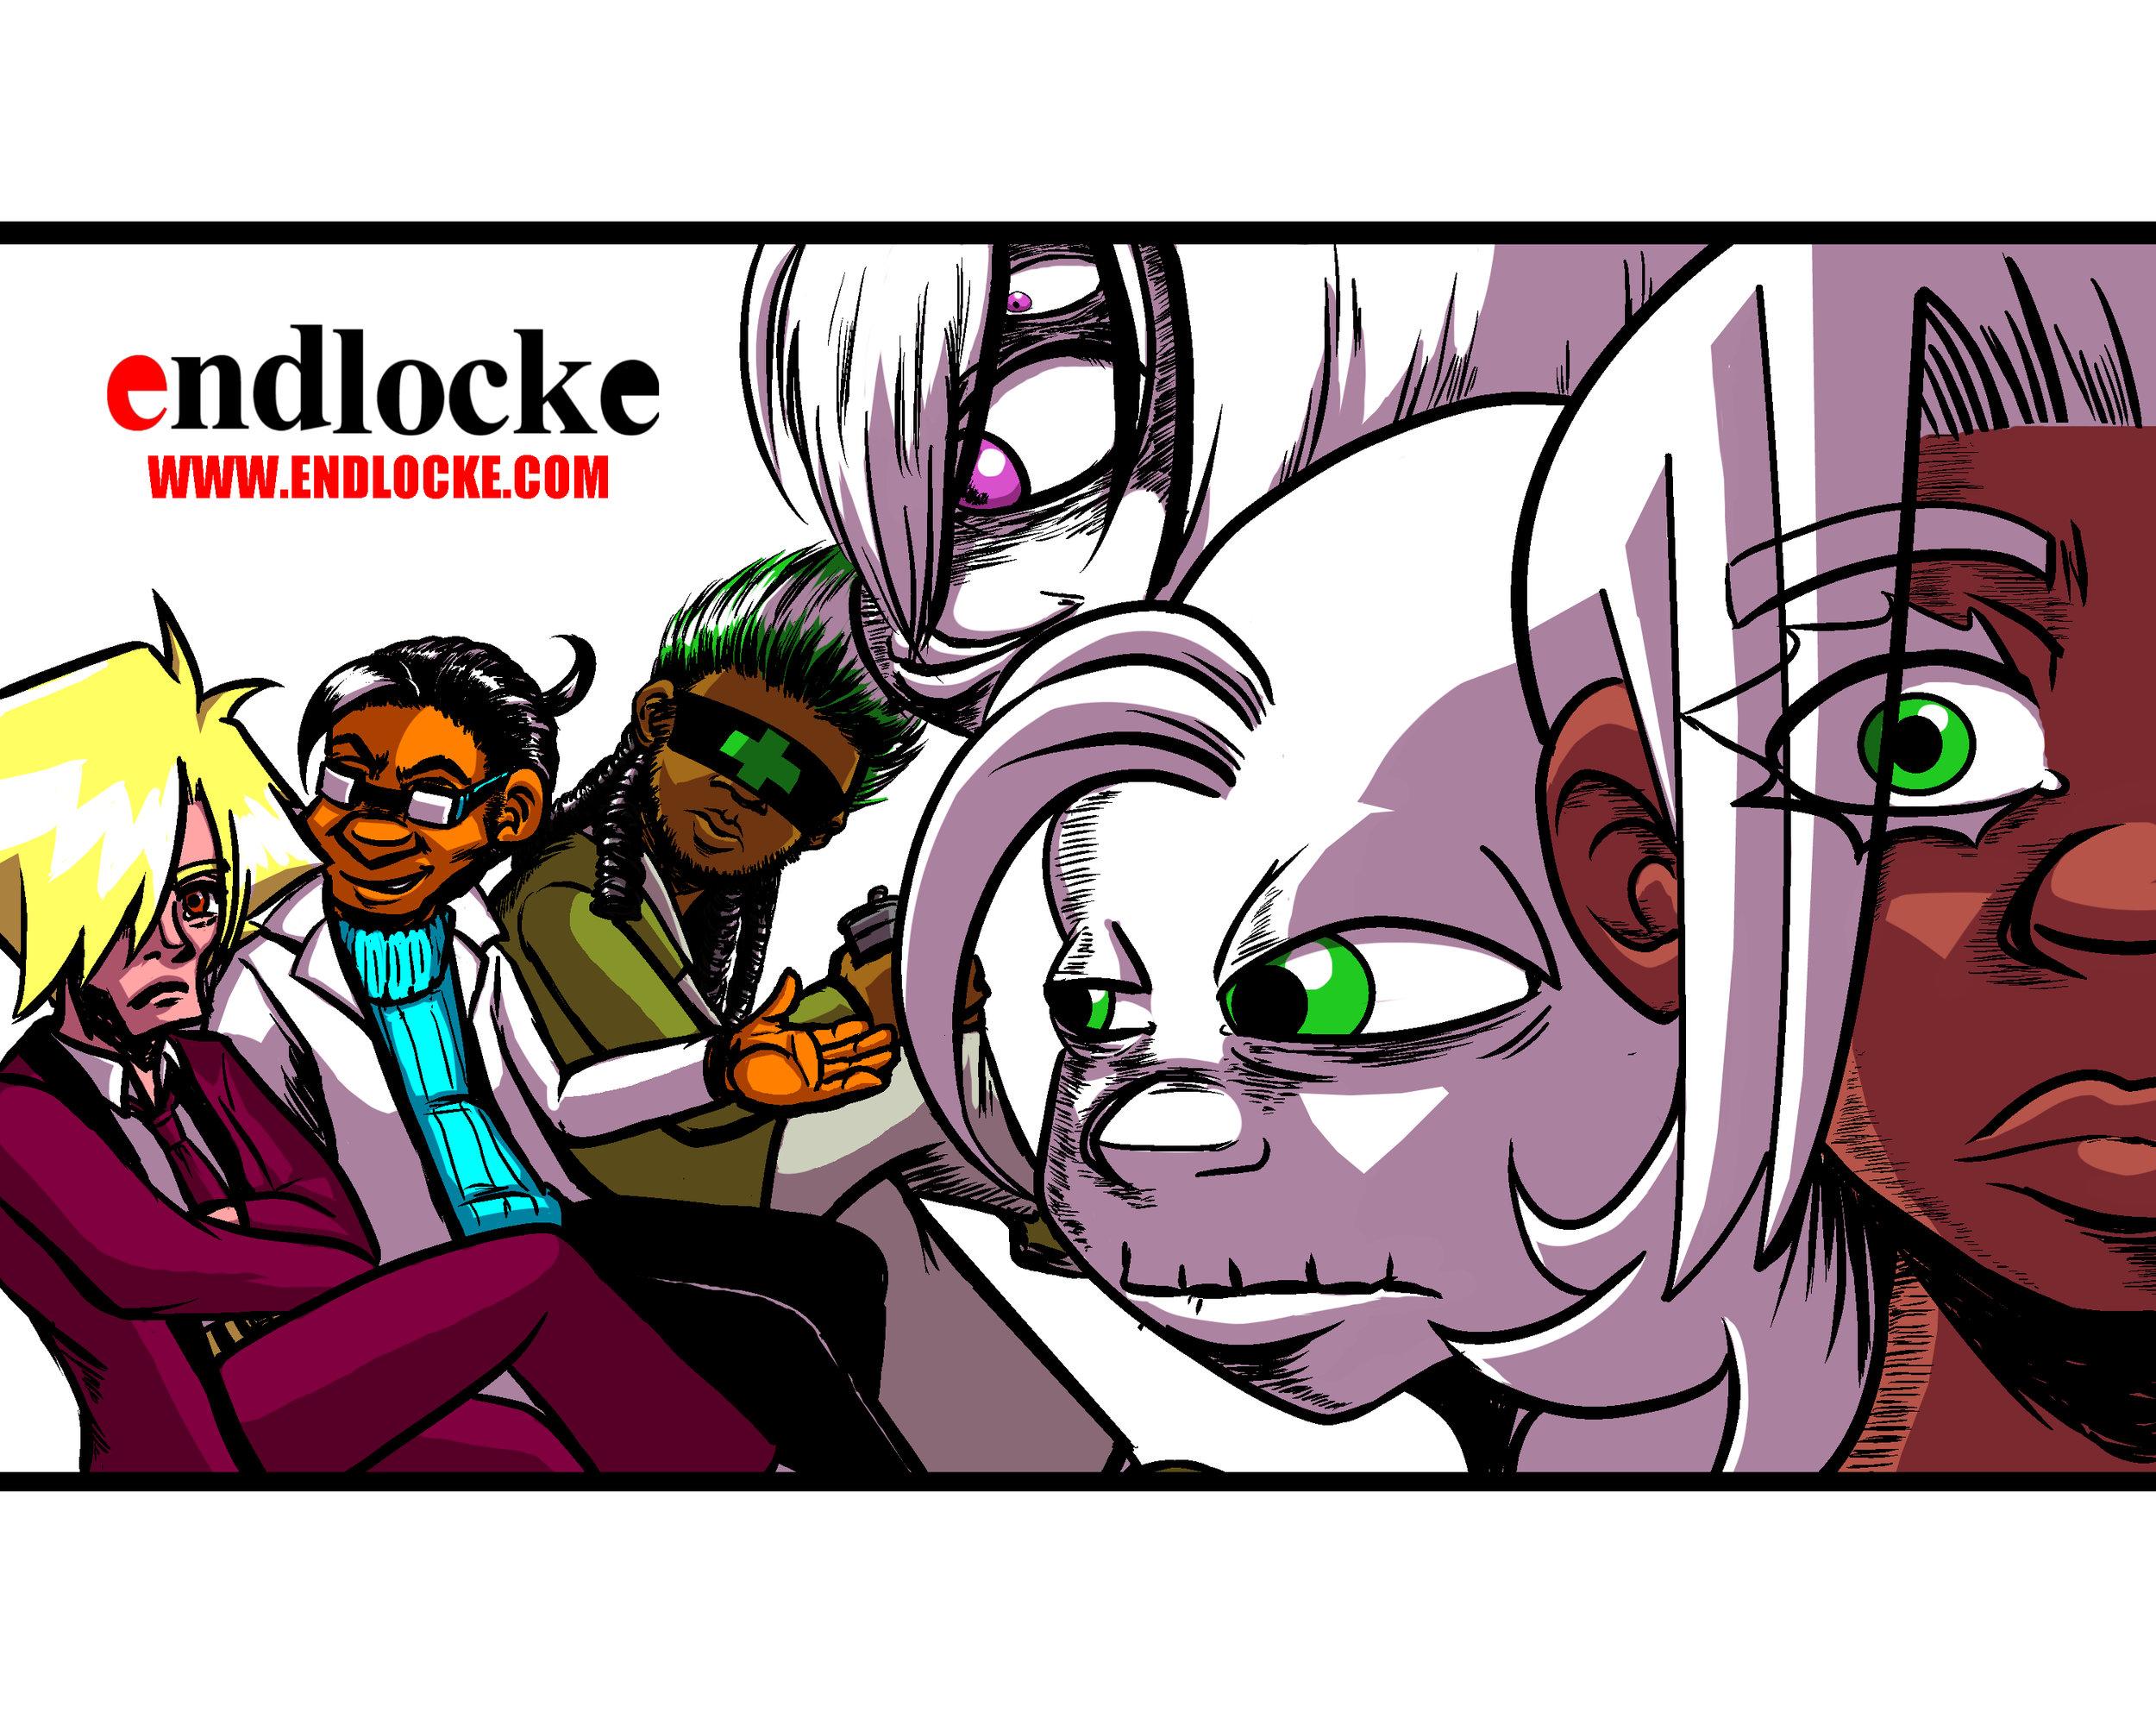 ENDLOCKE_EXCLUSIVE ART.jpg